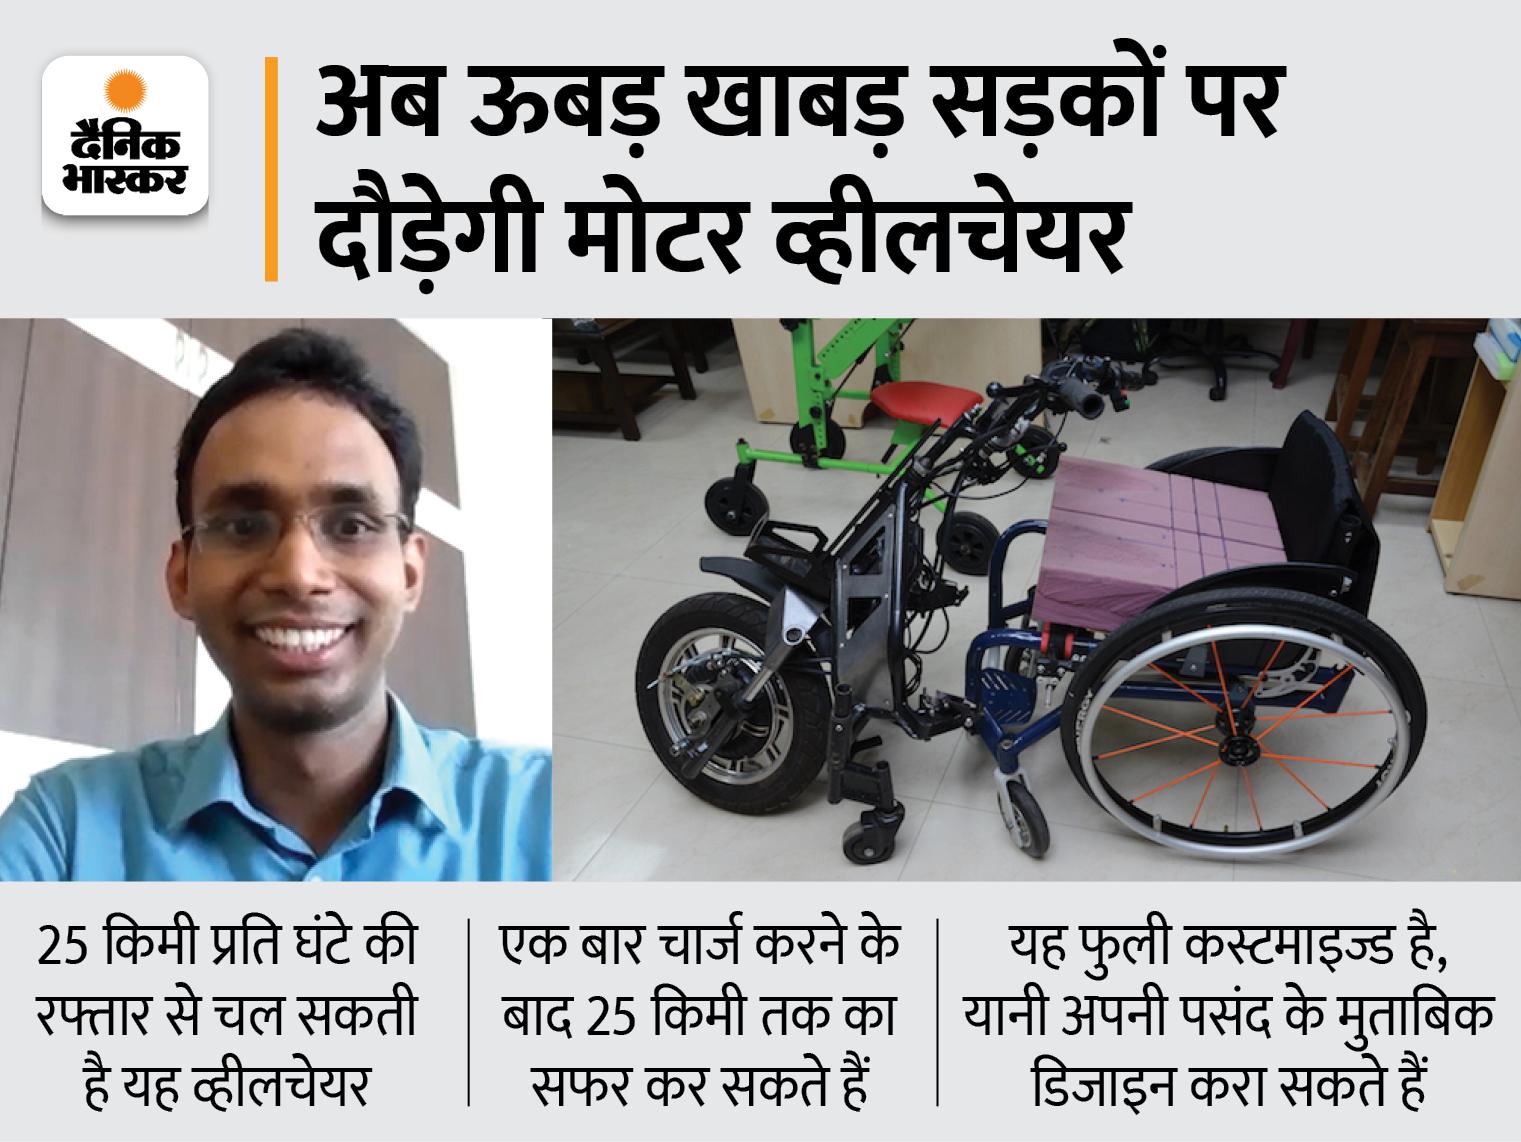 30 साल के स्वास्तिक ने तैयार की पहली स्वदेशी मोटर व्हीलचेयर, जो बाइक की तरह सड़कों पर दौड़ेगी, 150 लोगों को मुफ्त में बांटी, लाखों में कमाई|DB ओरिजिनल,DB Original - Dainik Bhaskar